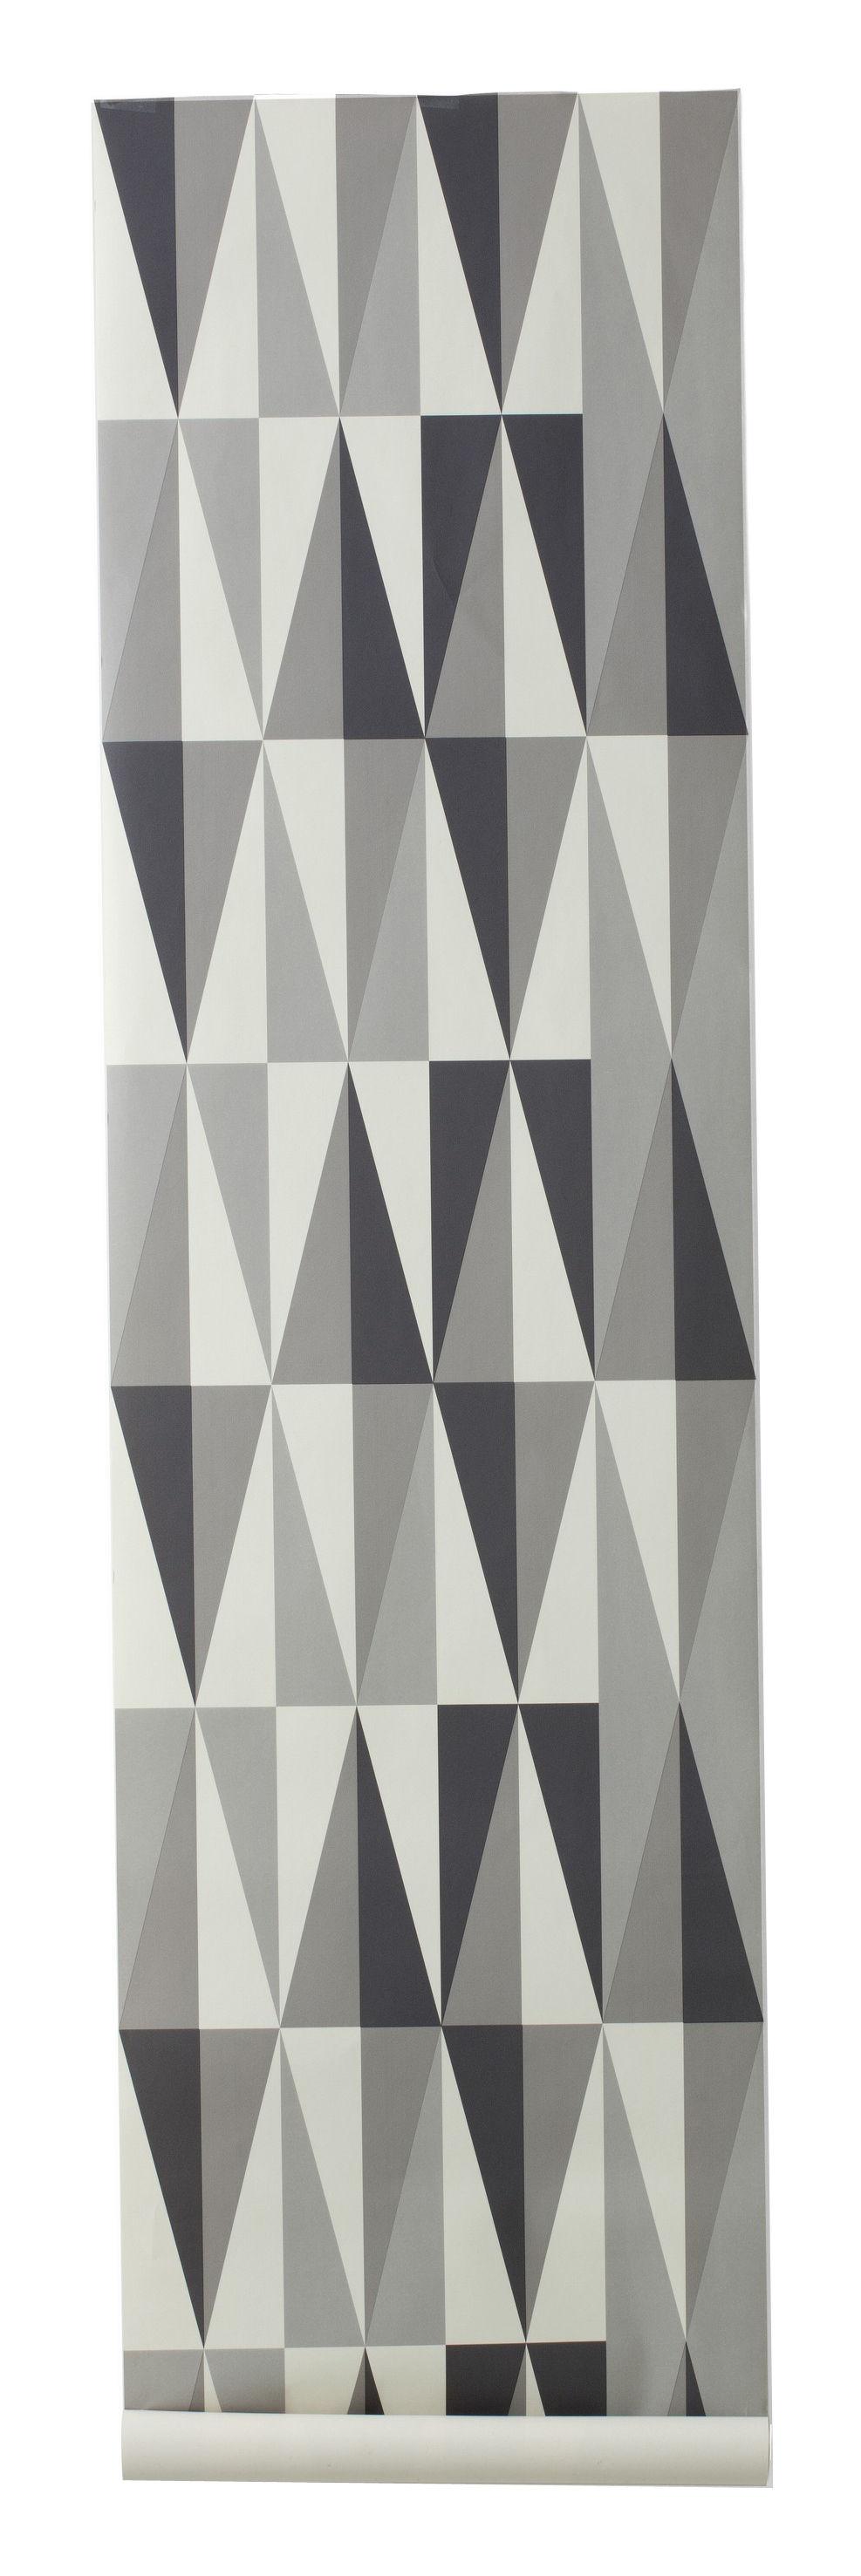 Déco - Stickers, papiers peints & posters - Papier peint Spear / 1 rouleau - Larg 53 cm - Ferm Living - Gris, gris foncé & blanc cassé - Toile intissée